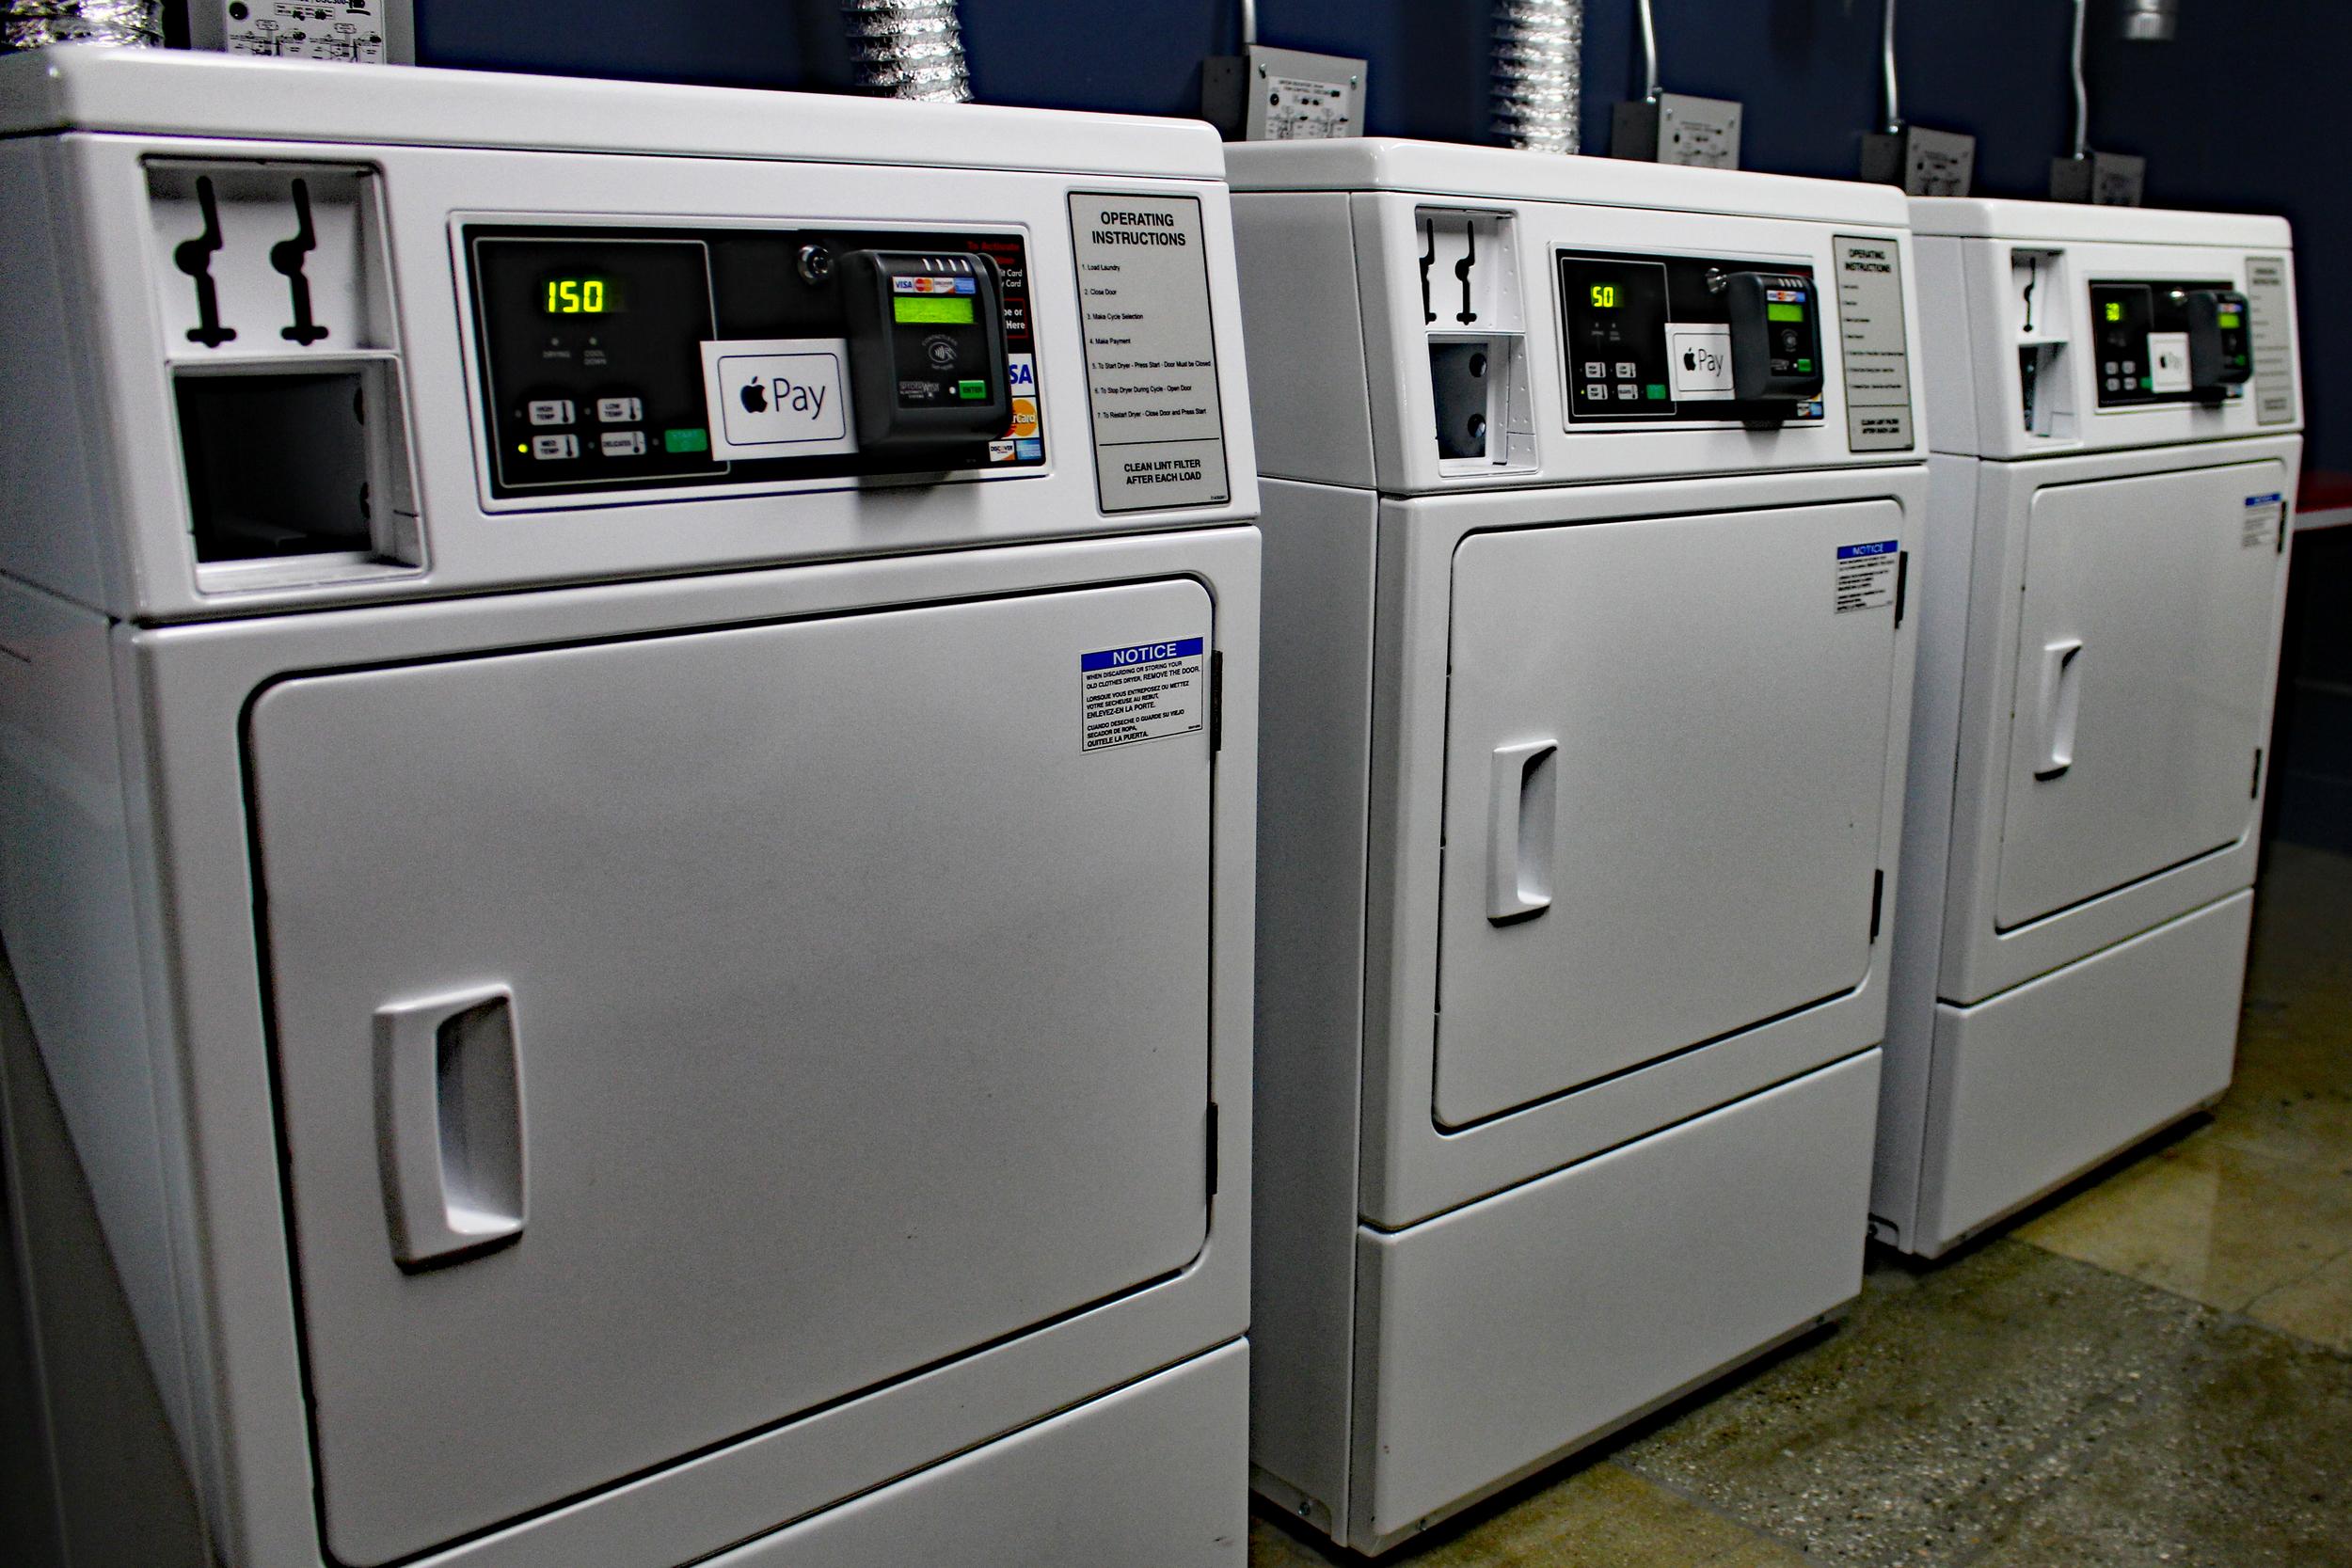 Washers at Garment Lofts